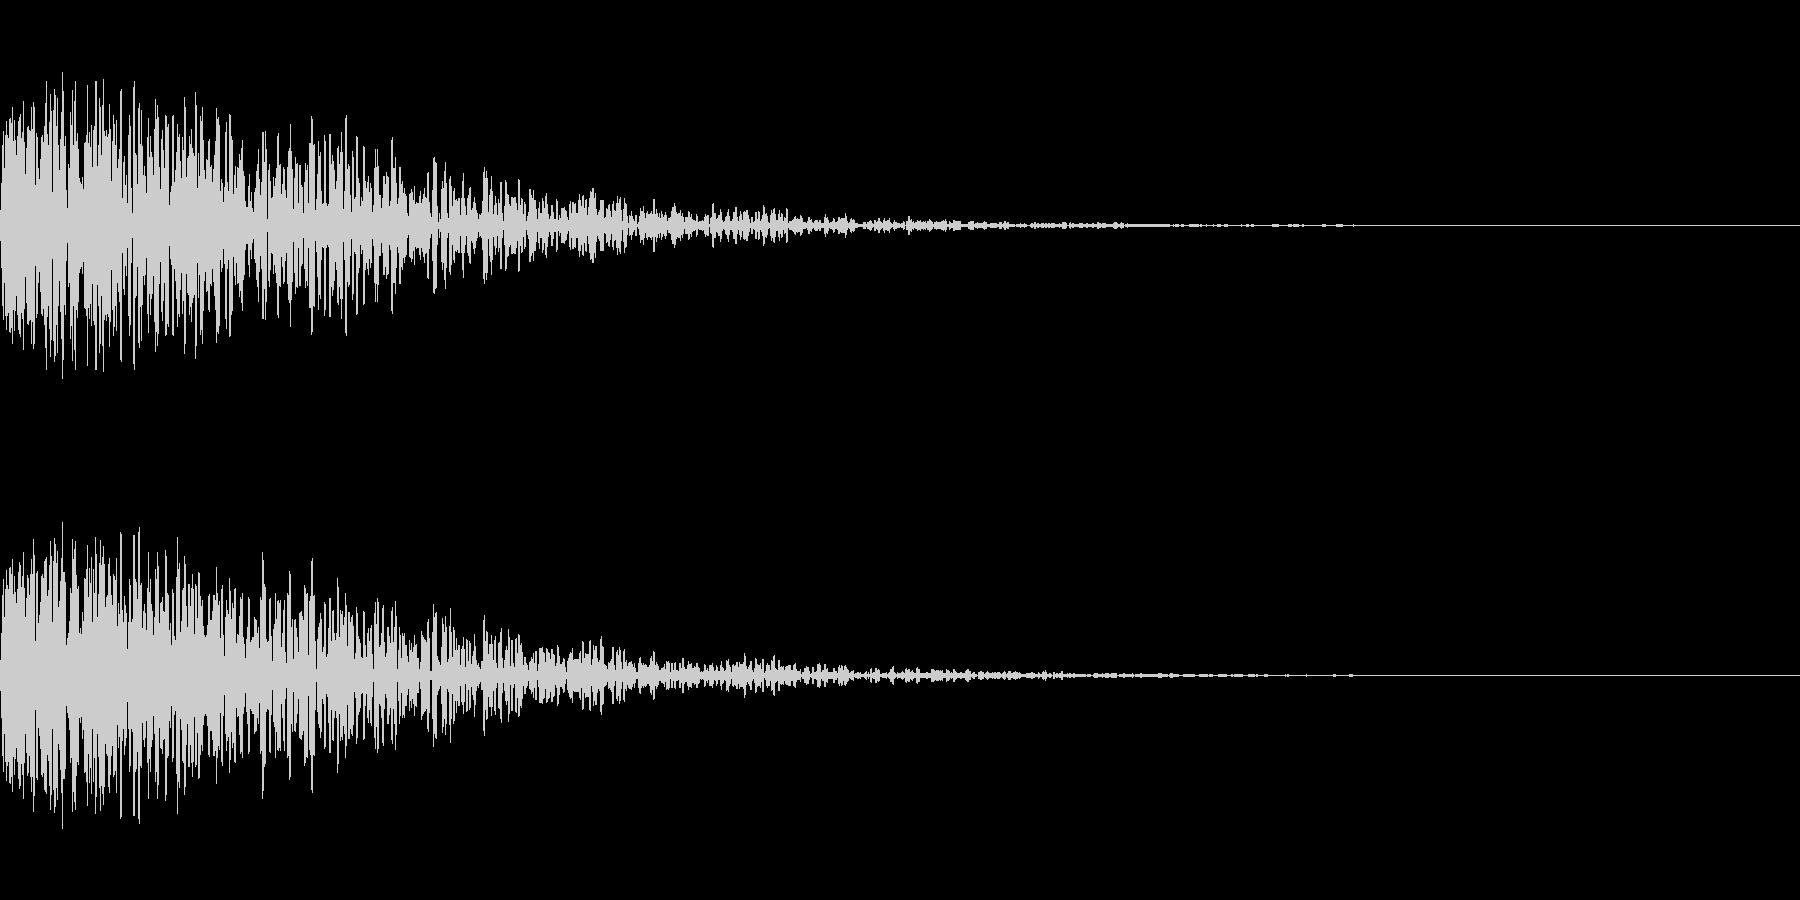 爆発音のようなドーン音の未再生の波形